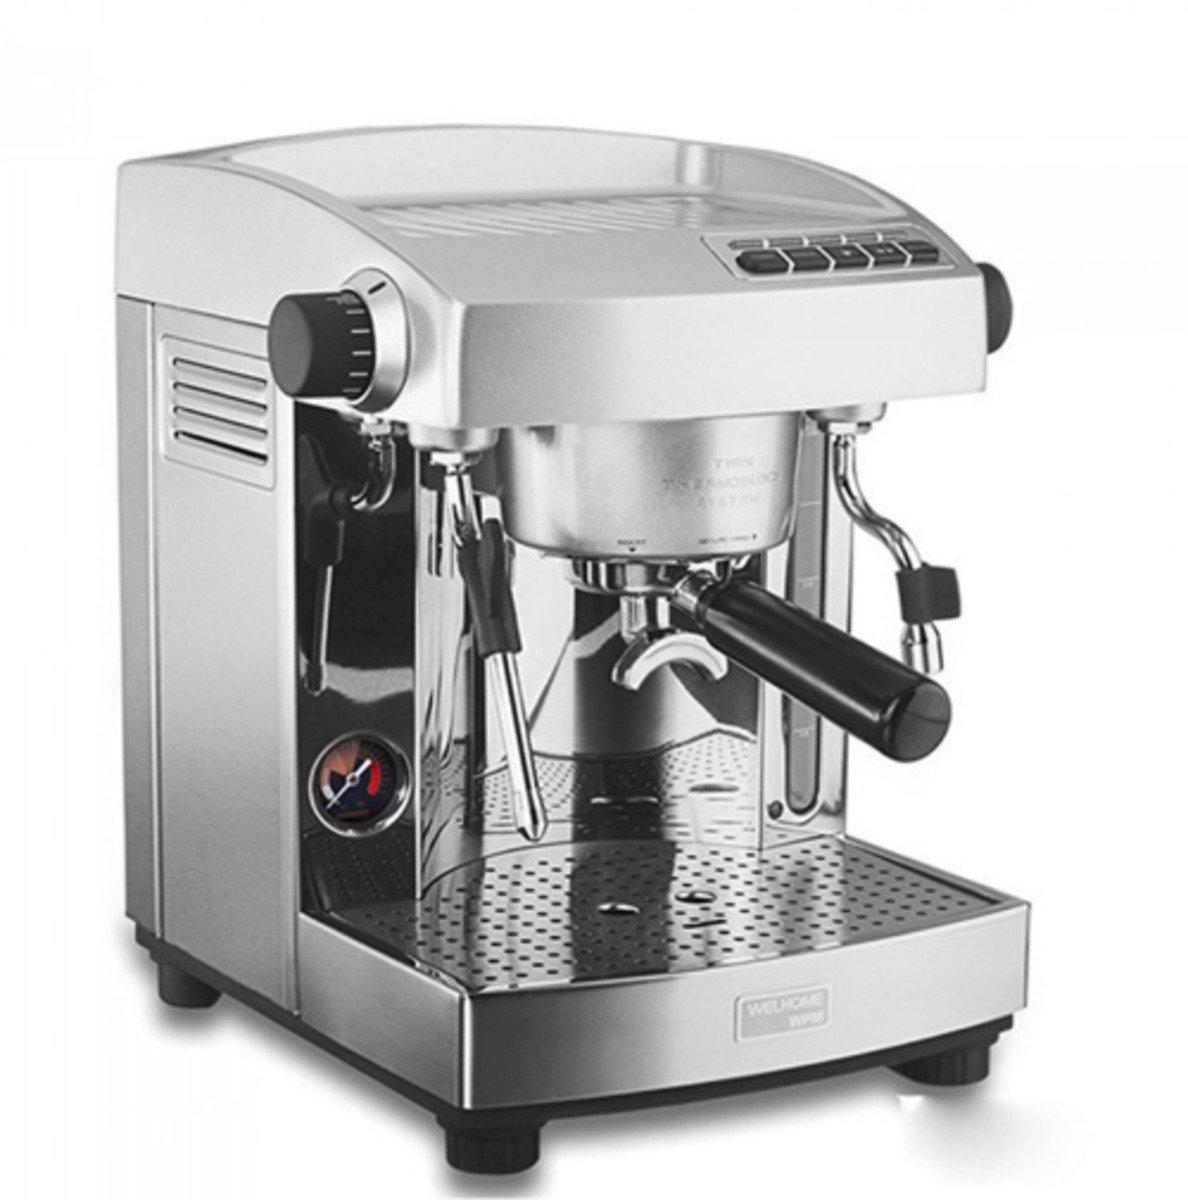 KD-210S2 意式半自動咖啡機(單沖煮頭)送WPM - ZD-10T 咖啡磨豆機